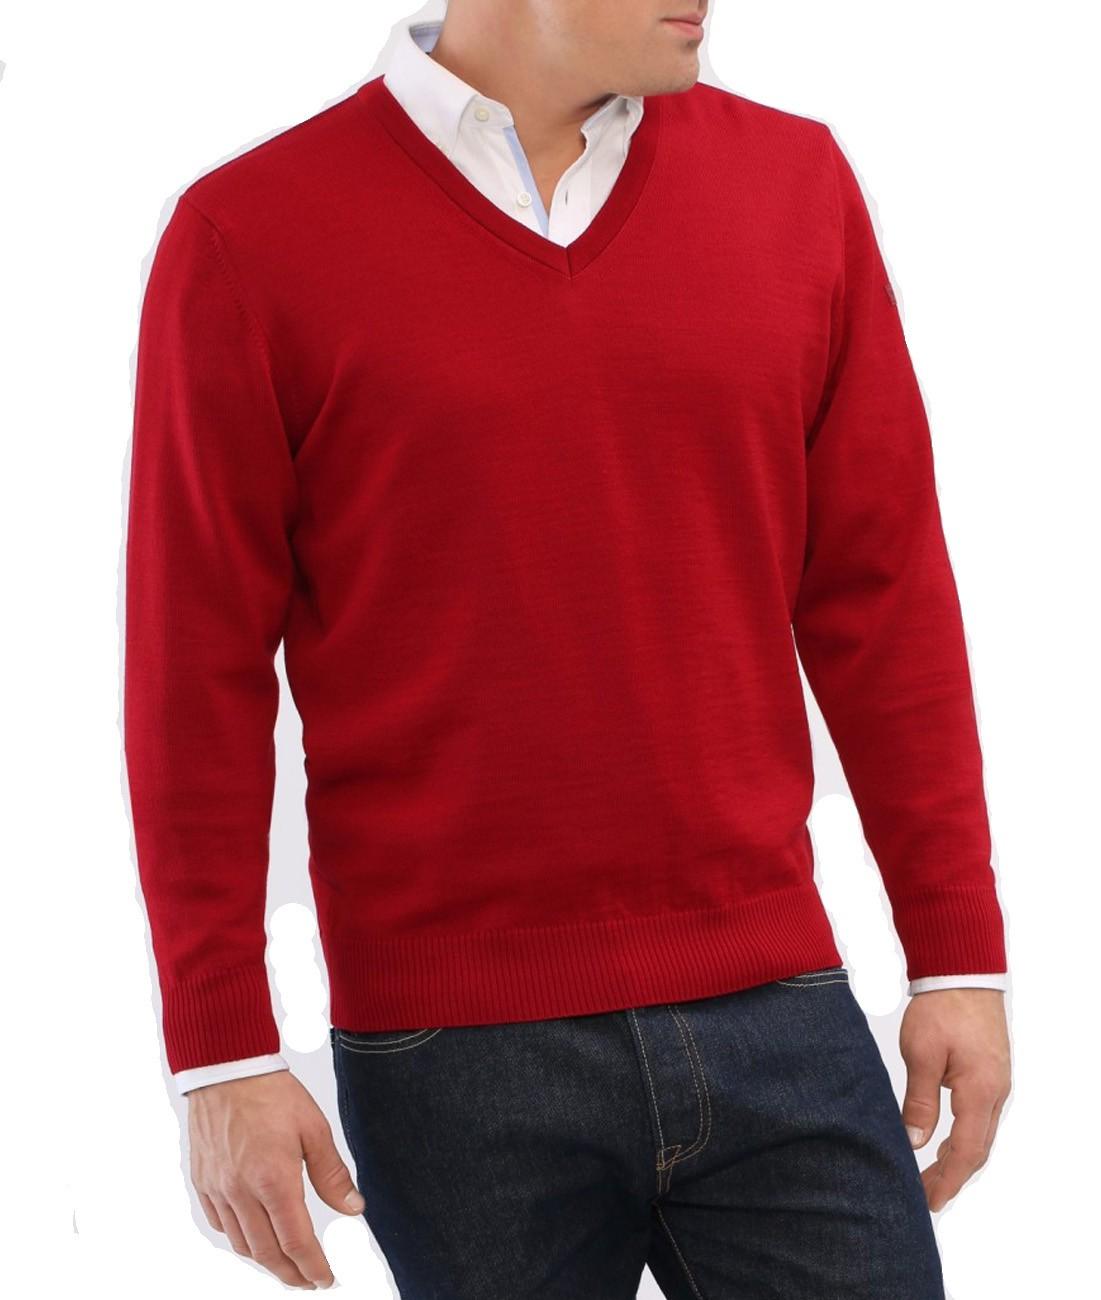 maerz herren pullover v ausschnitt merino superwash purpur 490400 440 strickwaren maerz pullover. Black Bedroom Furniture Sets. Home Design Ideas